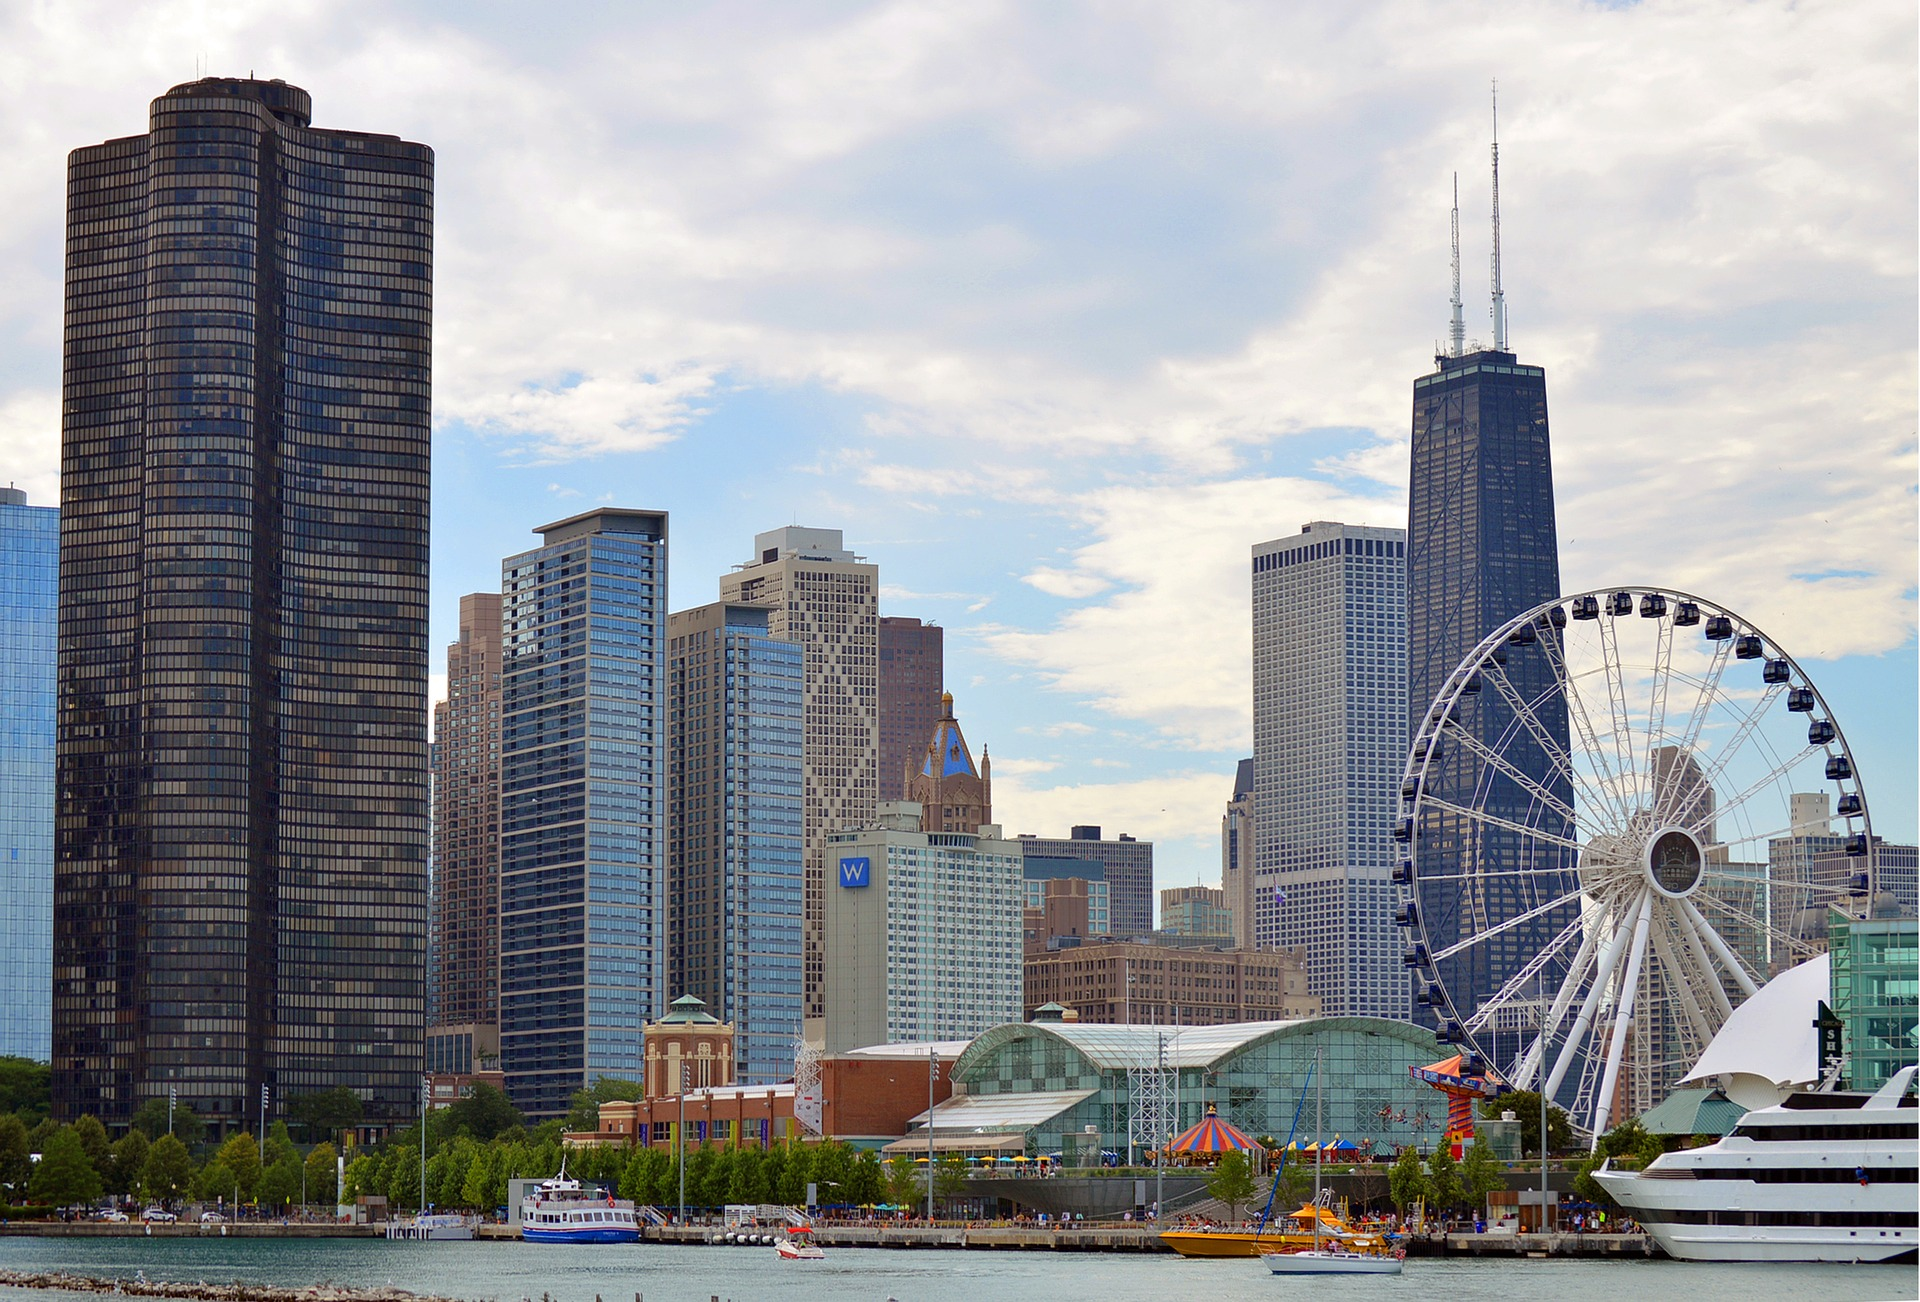 Navy Pier in Chicago